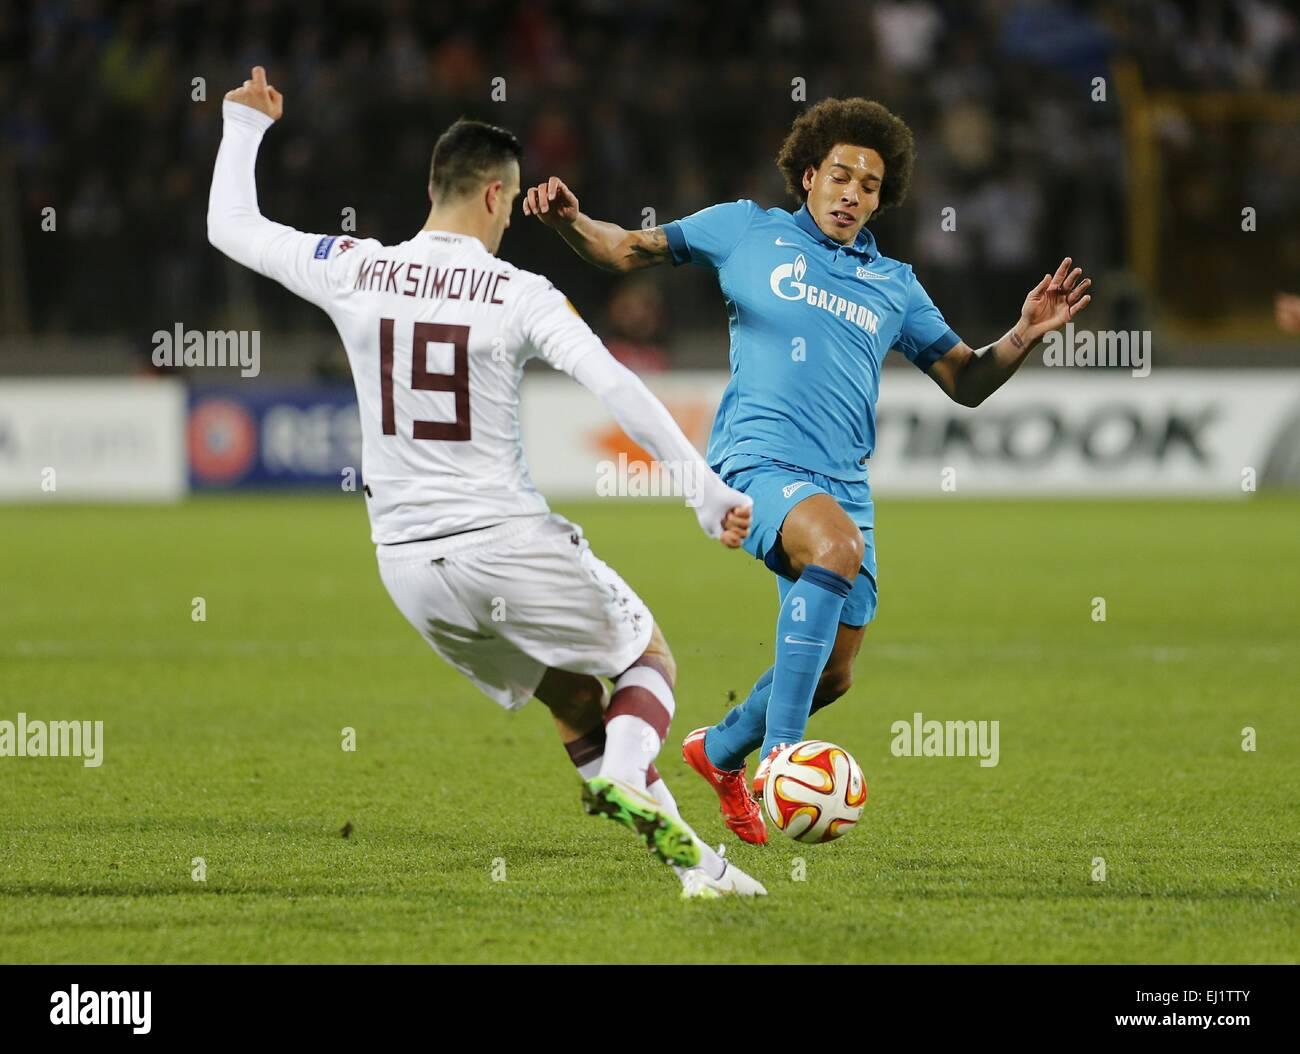 6527da16 Europa League 2014/15. 1/8 final. FC Zenit San Petersburgo vs Torino F.C.,  2:0. En la foto: Torino F.C. jugador Nikola Maksimovic (19), jugador del FC  Zenit ...